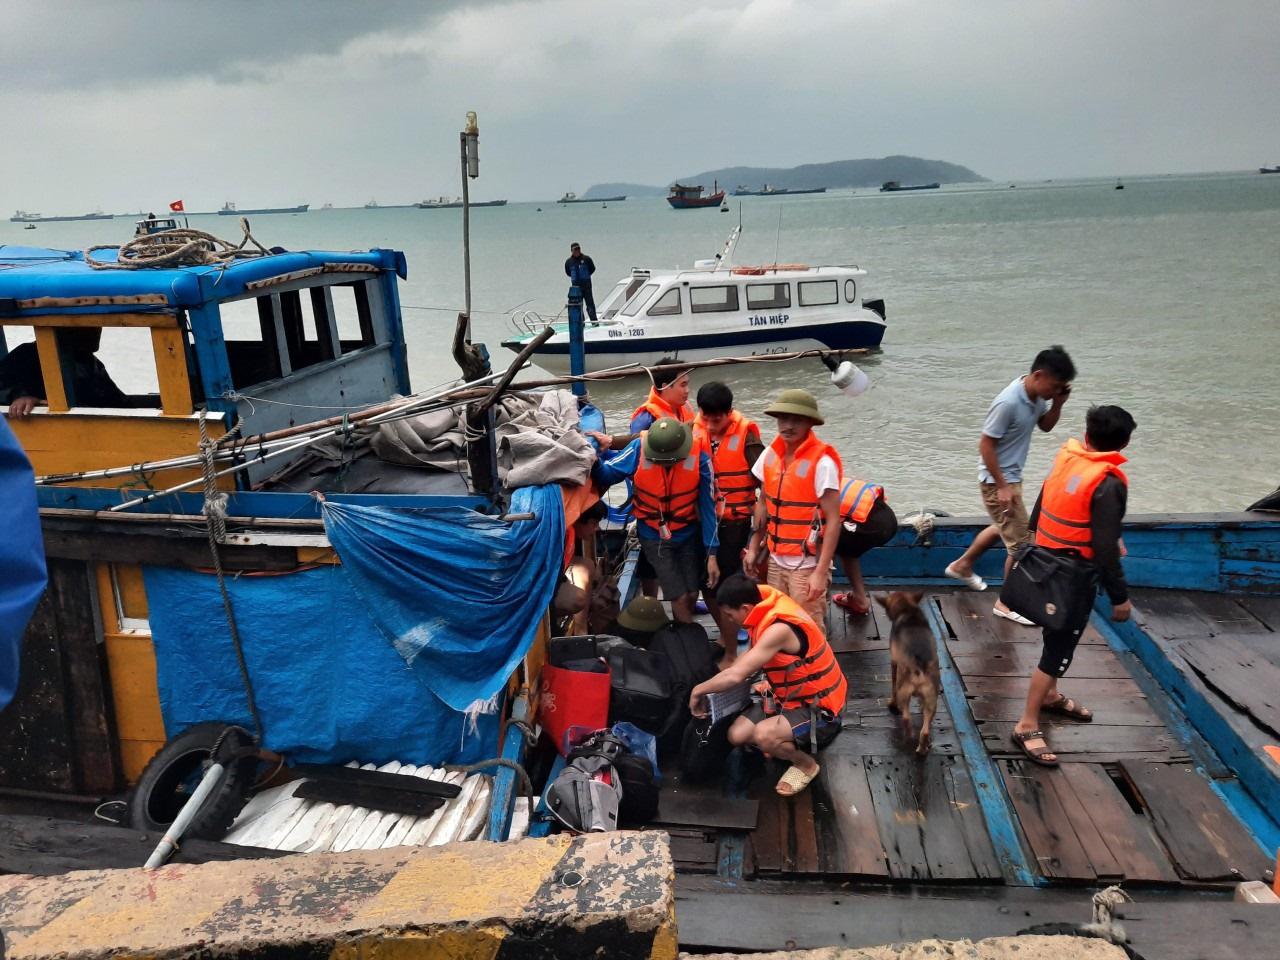 Quảng Nam: Tàu vận tải bị thủng khoang máy, 10 thuyền viên được cứu kịp thời - Ảnh 2.